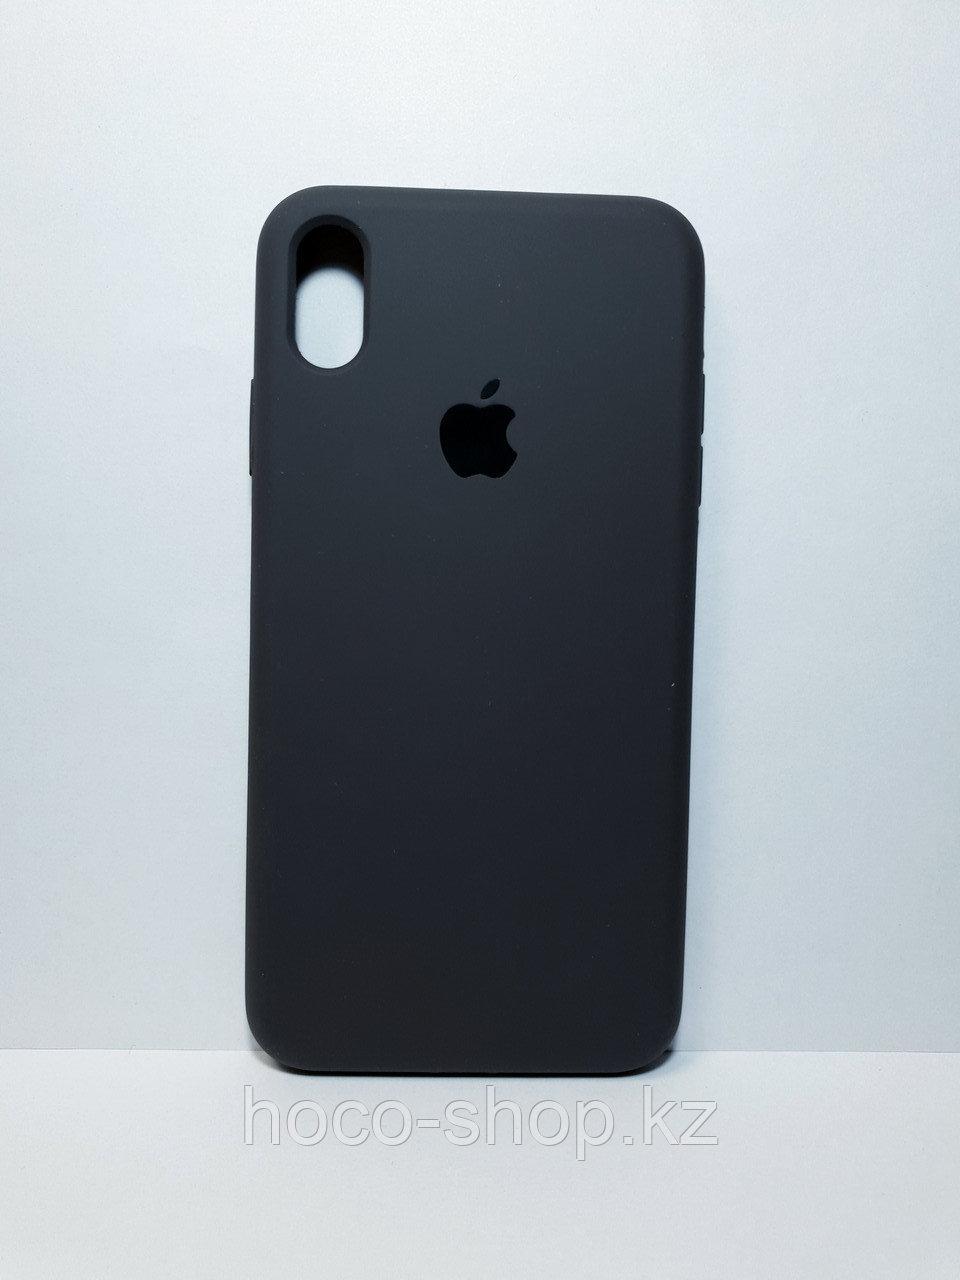 Защитный чехол для iPhone Xs Max Soft Touch силиконовый, темно серый